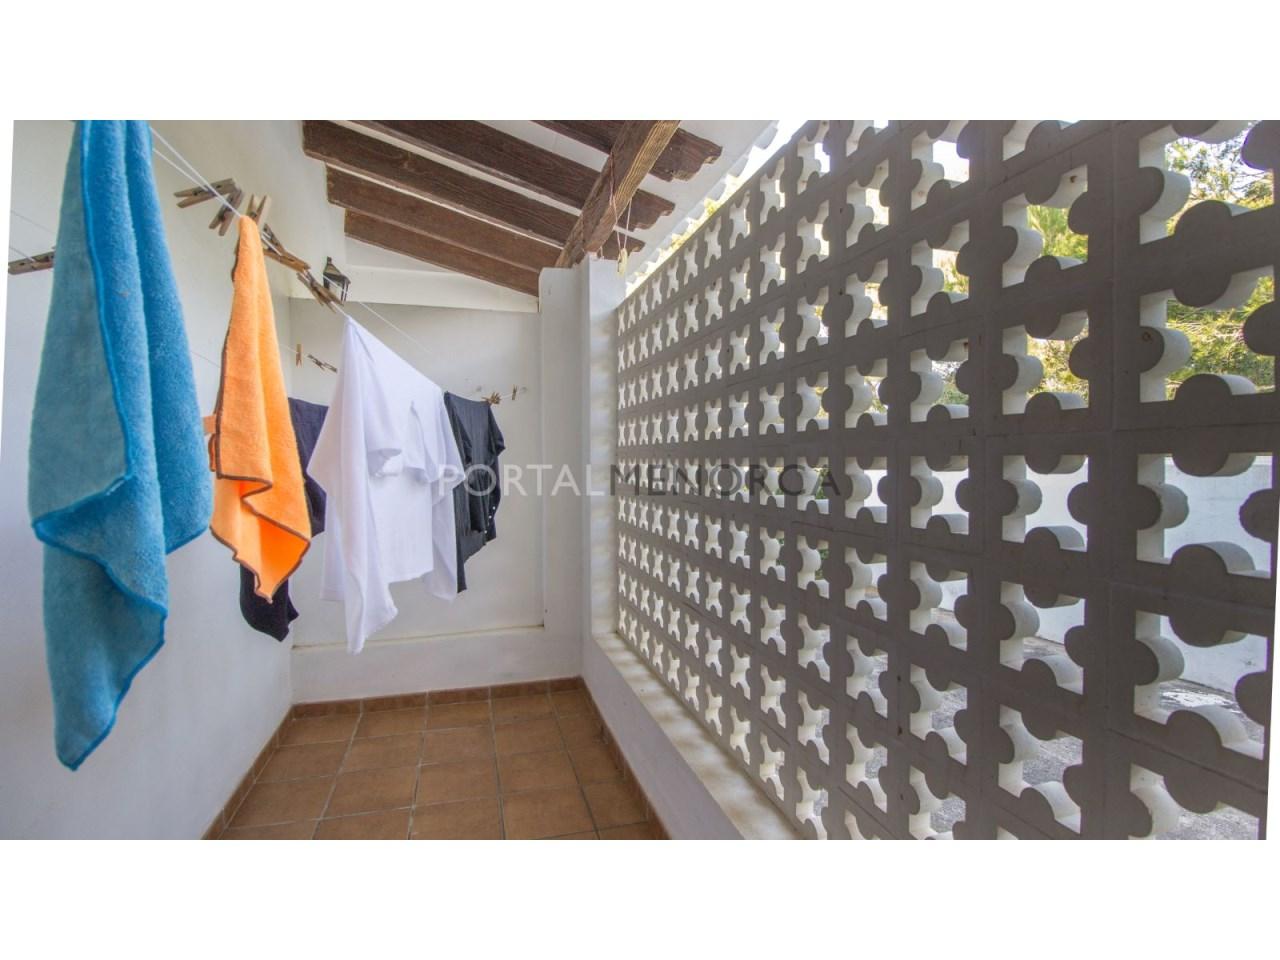 9 Lavadero y zona tender - Chalet en venta en Addaia (2)